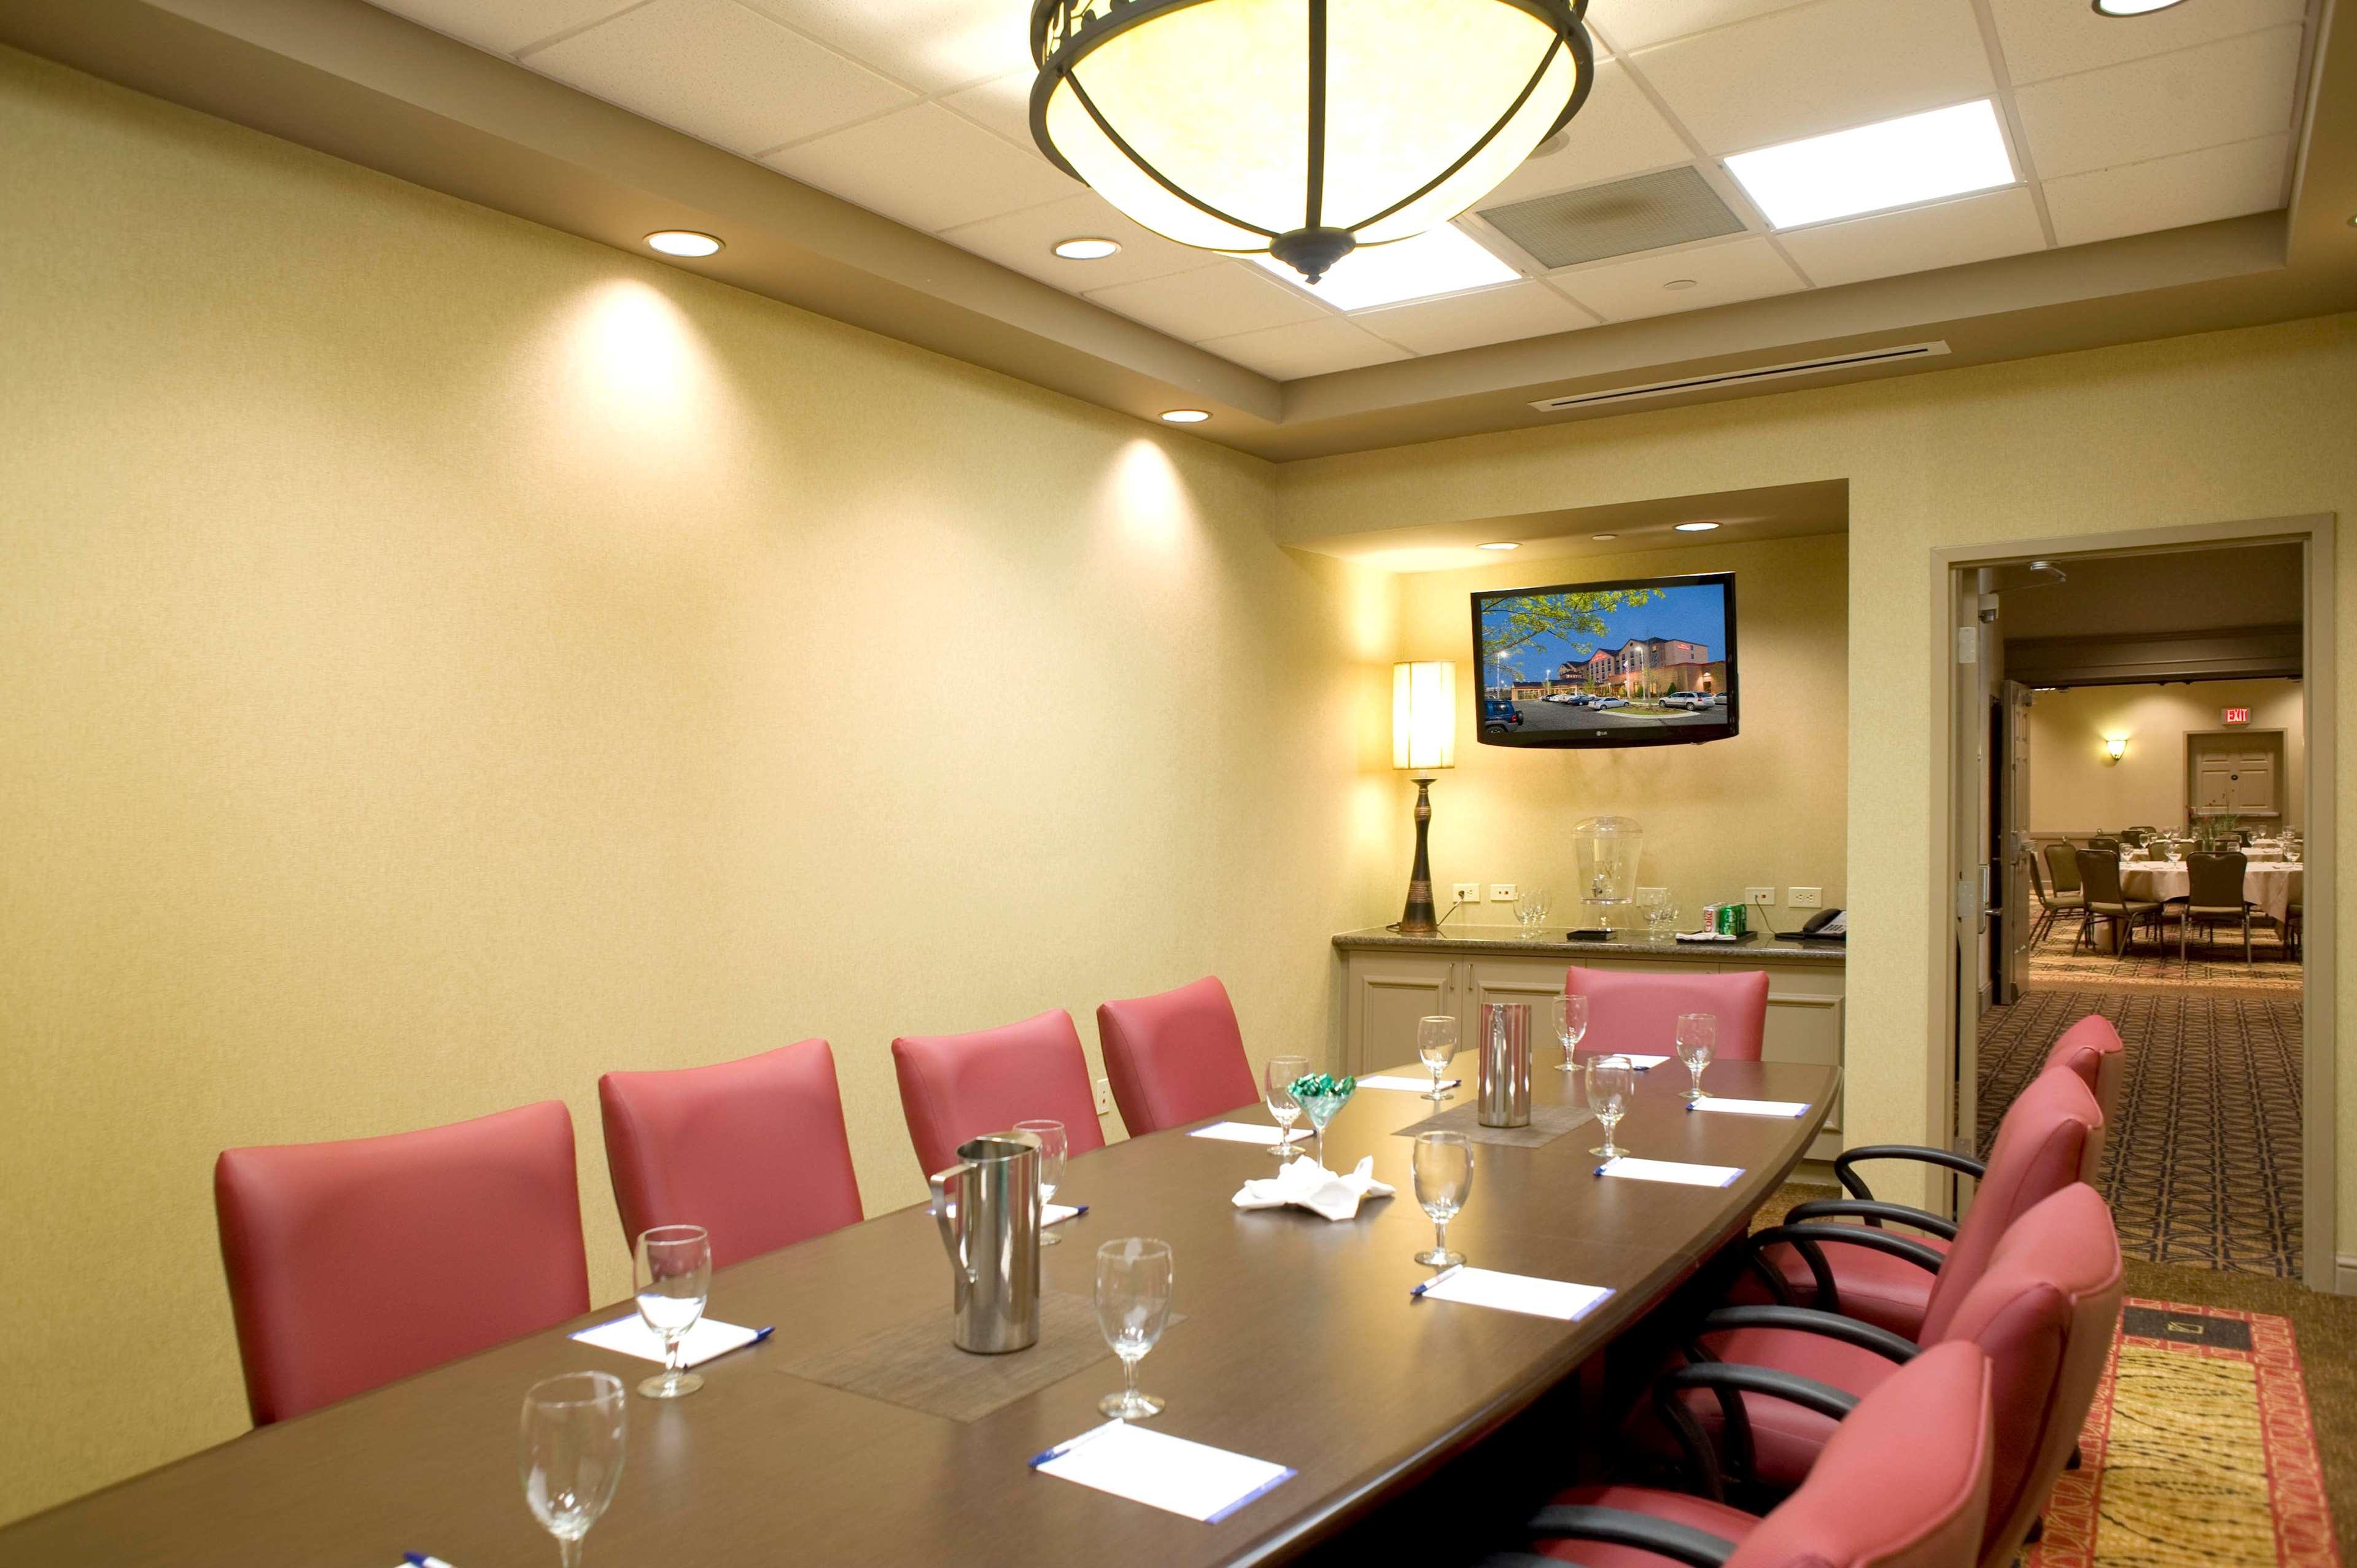 Hilton Garden Inn Pensacola Airport - Medical Center image 31